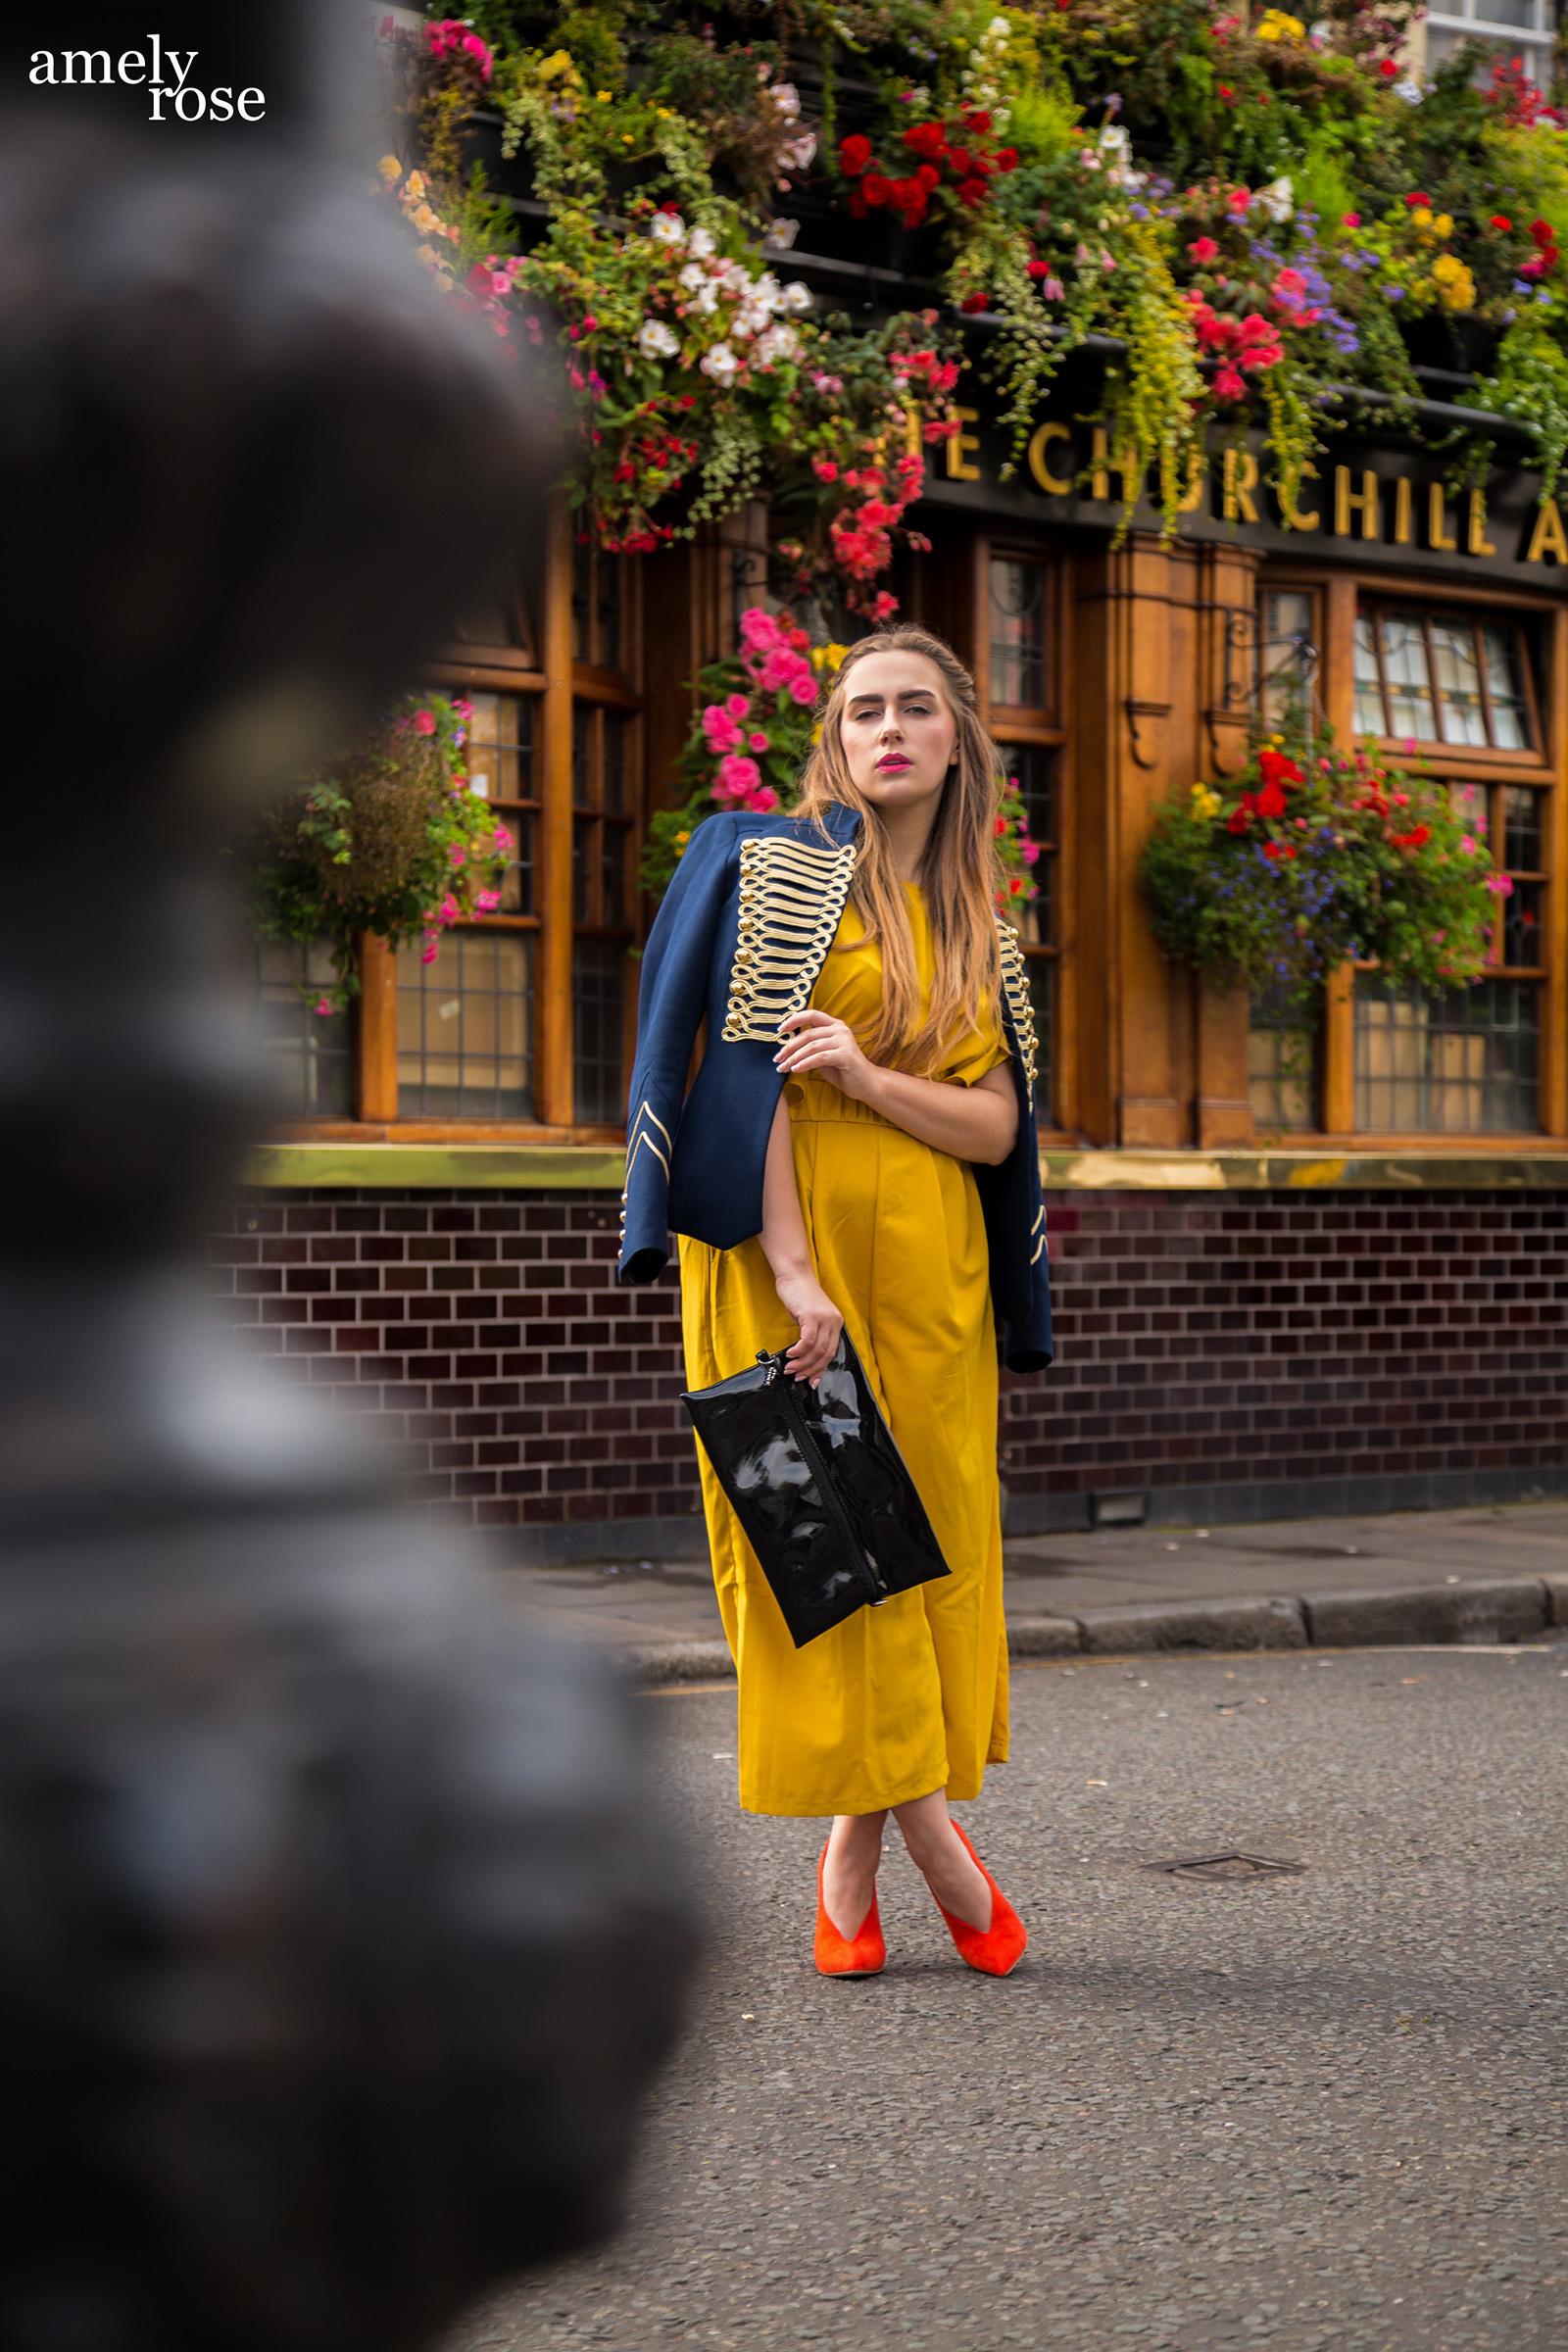 Amely Rose zur Fashionweek in London vor demlondoner Hotspot Pub Churchill arms im gelben Enteiler, Zara Jacke und orangen Pumps.